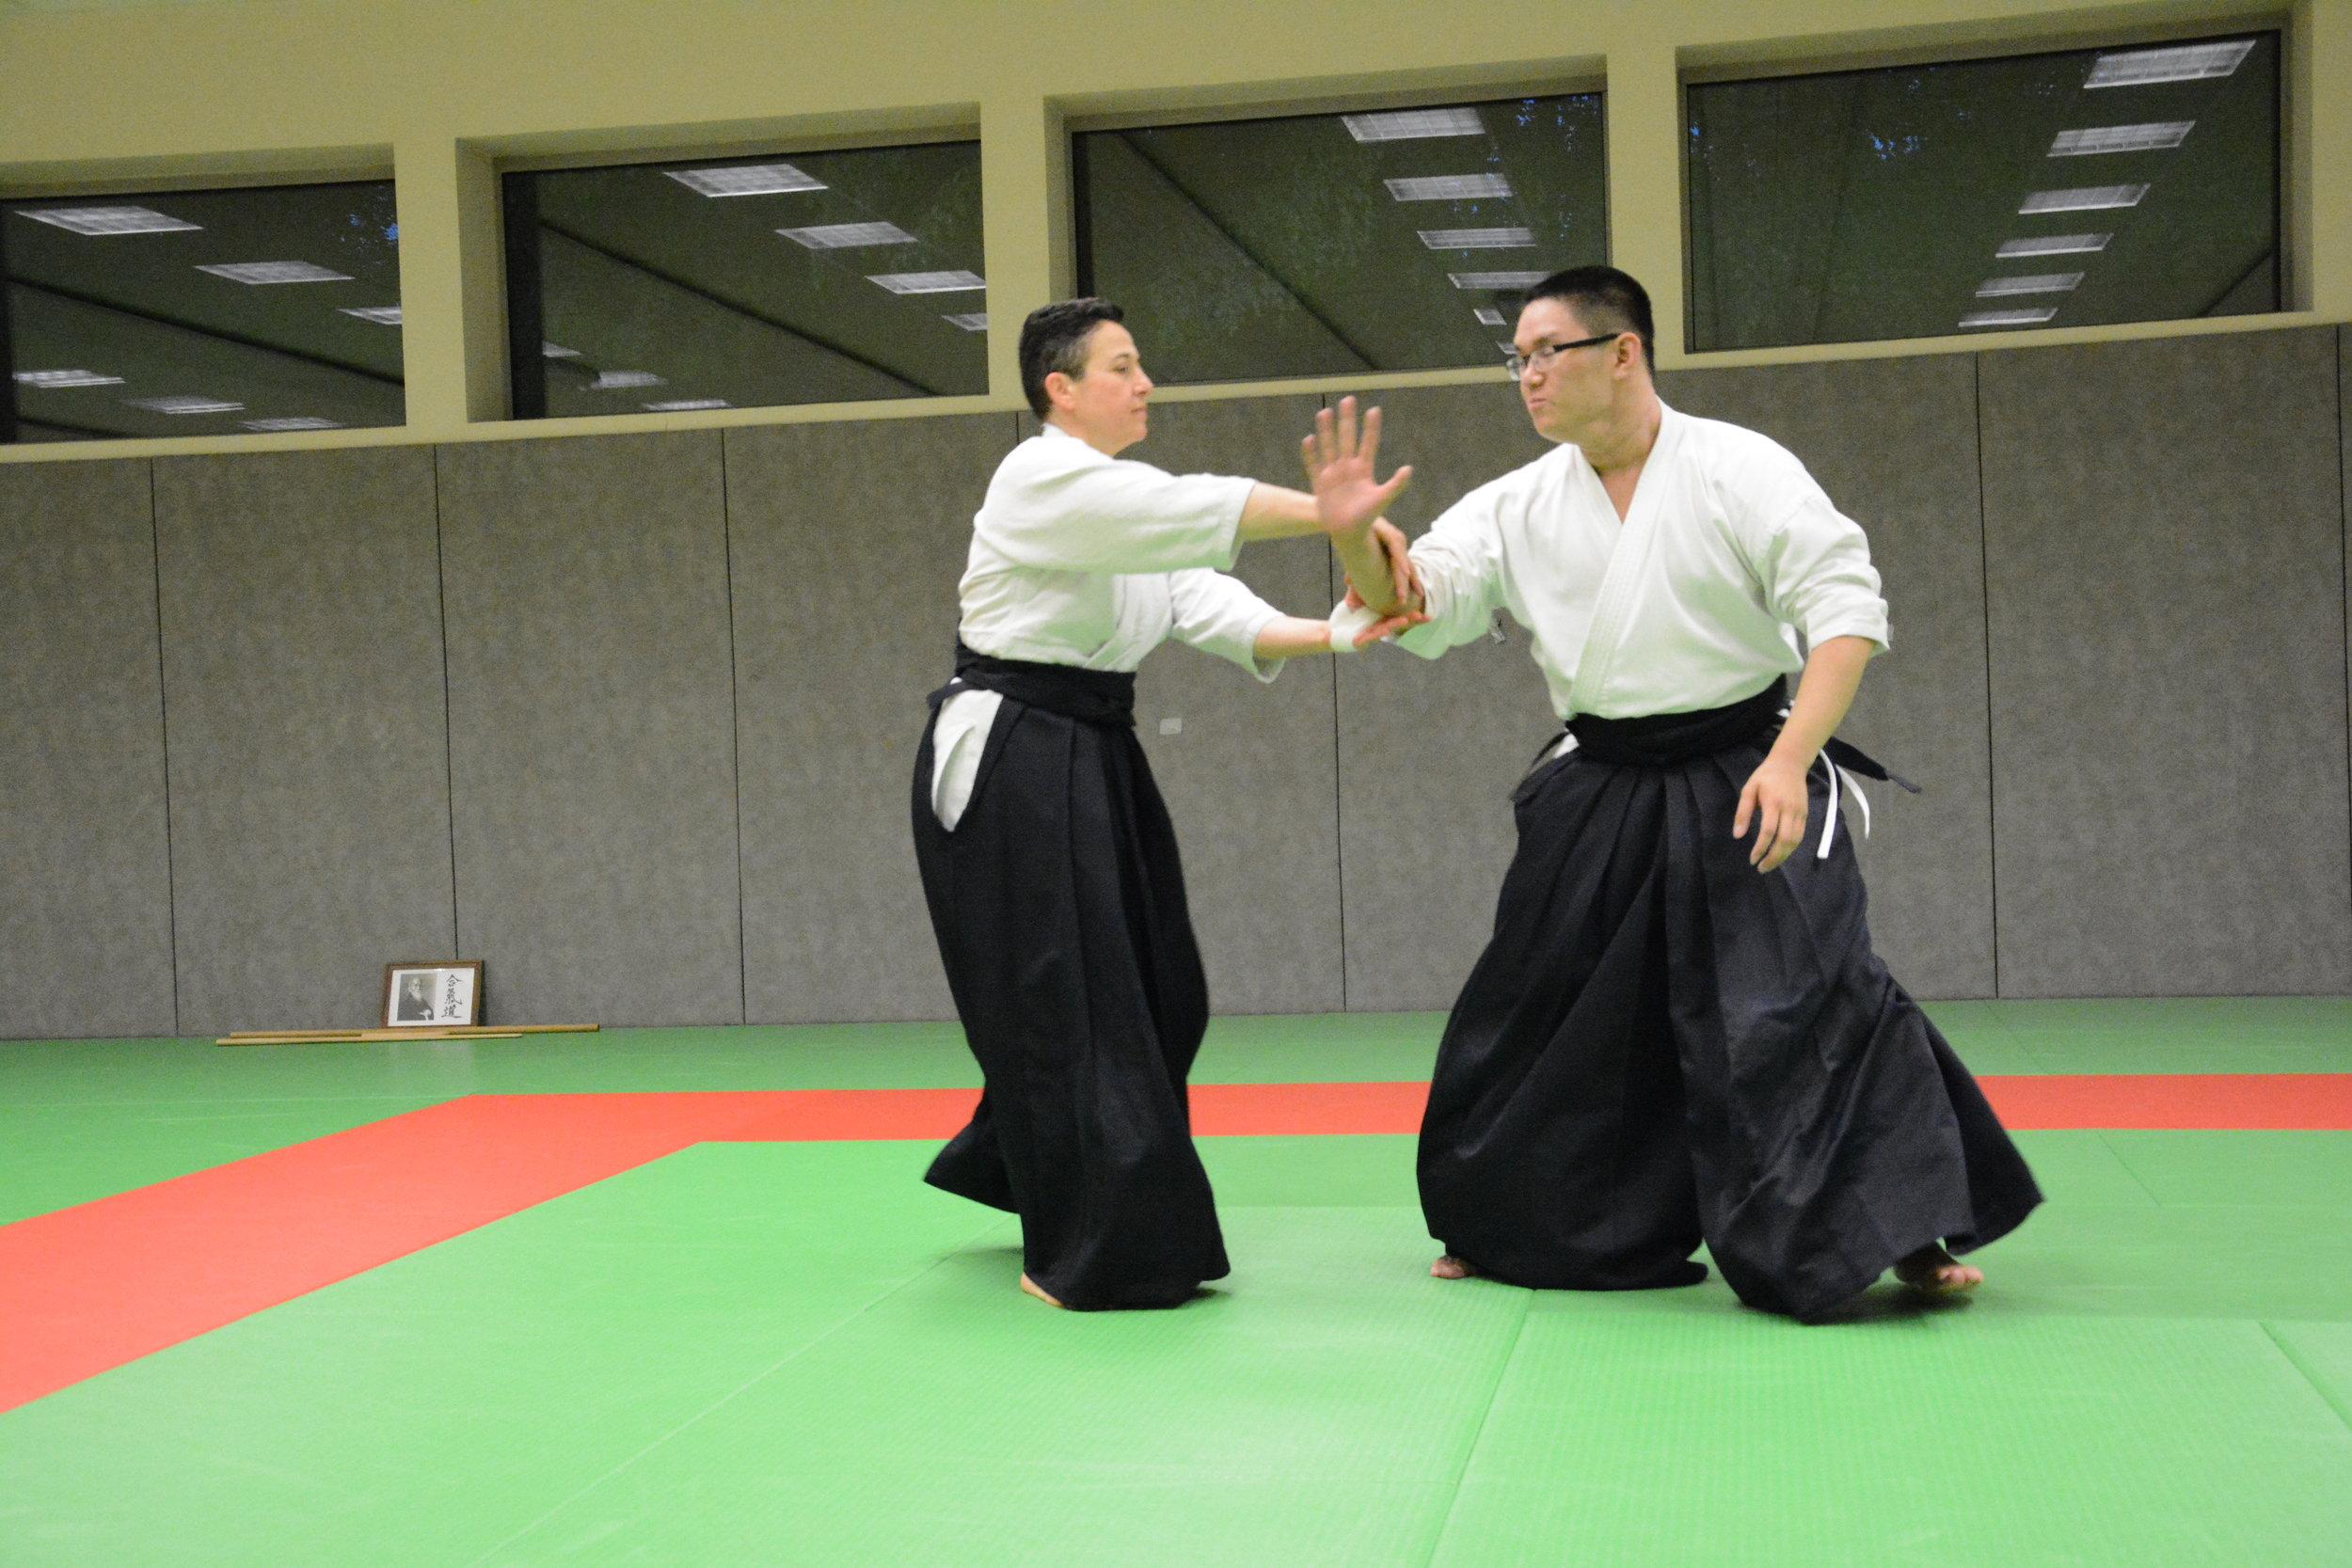 Christophe CHUNG - 3eme Dan CQP a débuté l'Aikido à l'age de 7 ans au sein du Club.Membre de la commission technique de la Ligue du Limousin d'aïkido.